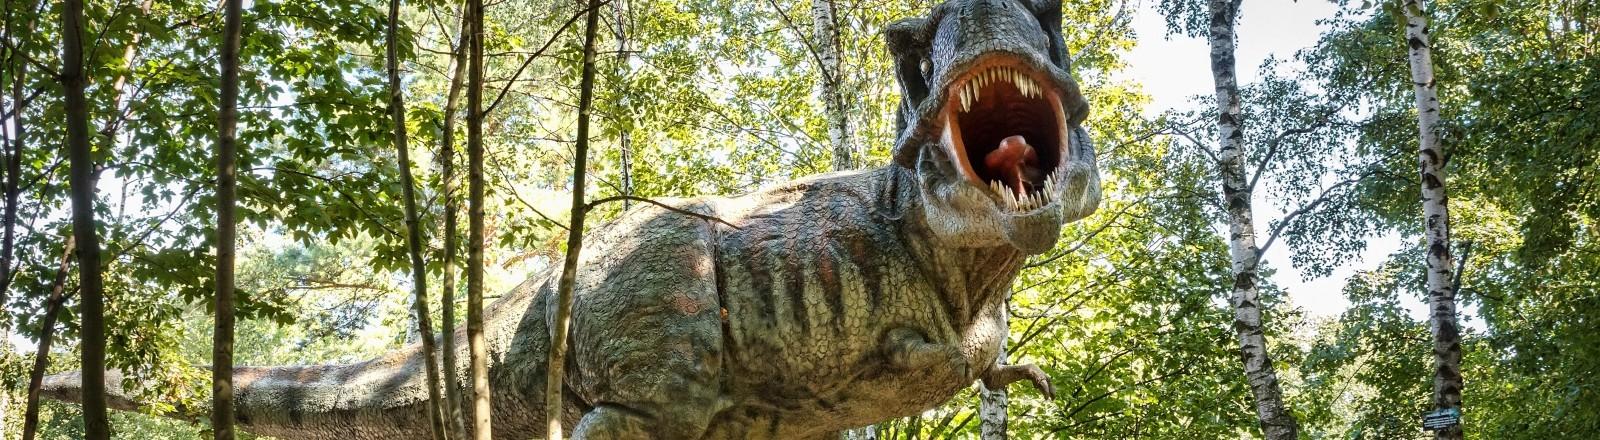 Das Modell eines Tyrannosaurus rex.